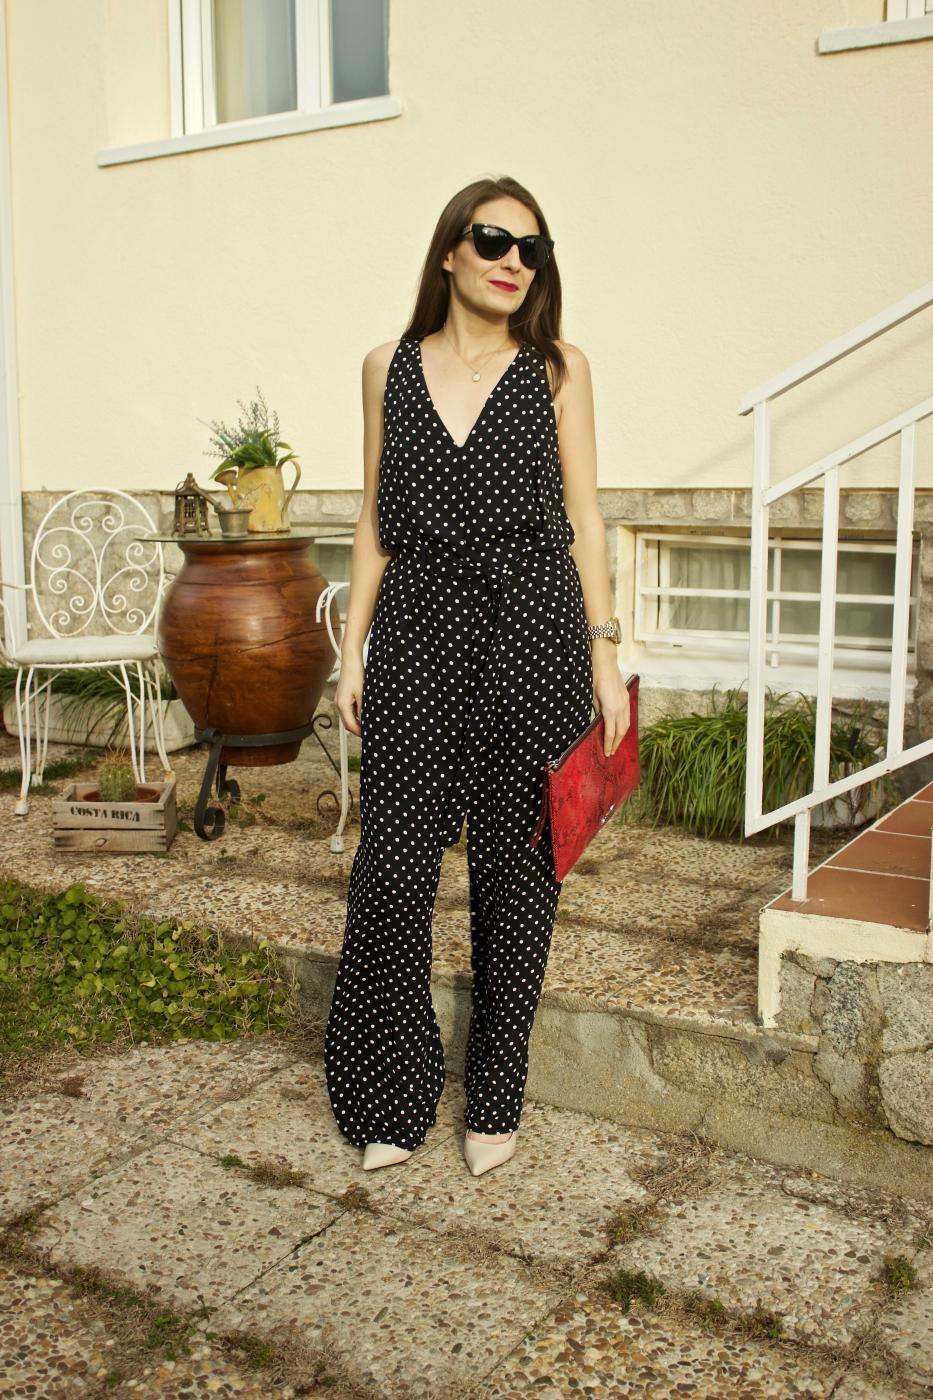 lara-vazquez-madlula-style-streetstyle-look-ootd-fashionblog-jumpsuit-chic